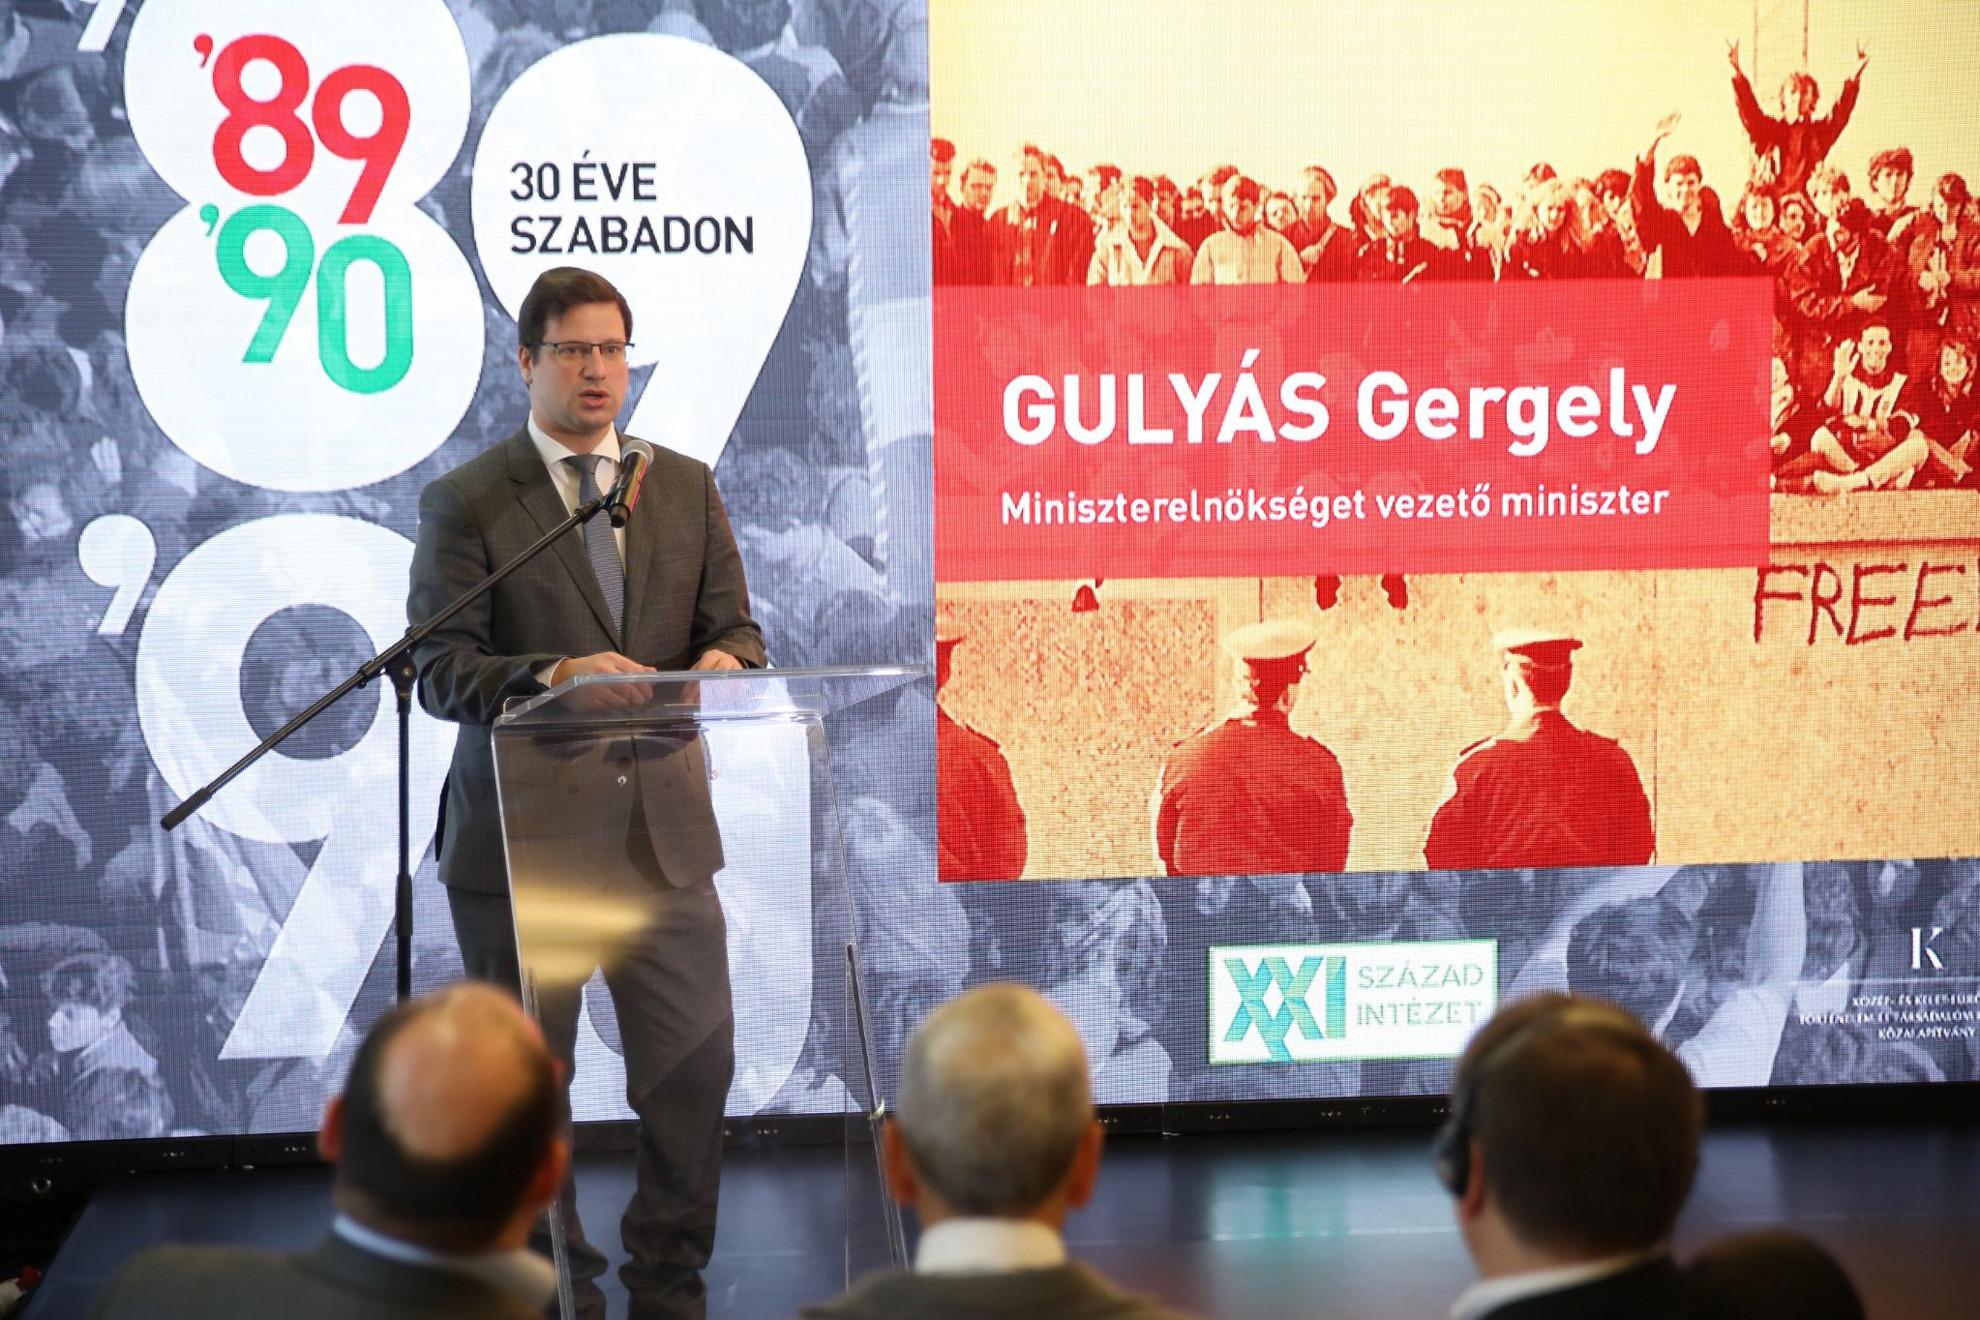 1989-90 a 20. századi magyar történelem egyik legfontosabb fordulópontja - hangsúlyozta a Miniszterelnökséget vezető miniszter csütörtökön Budapesten, a Terror Háza Múzeumban